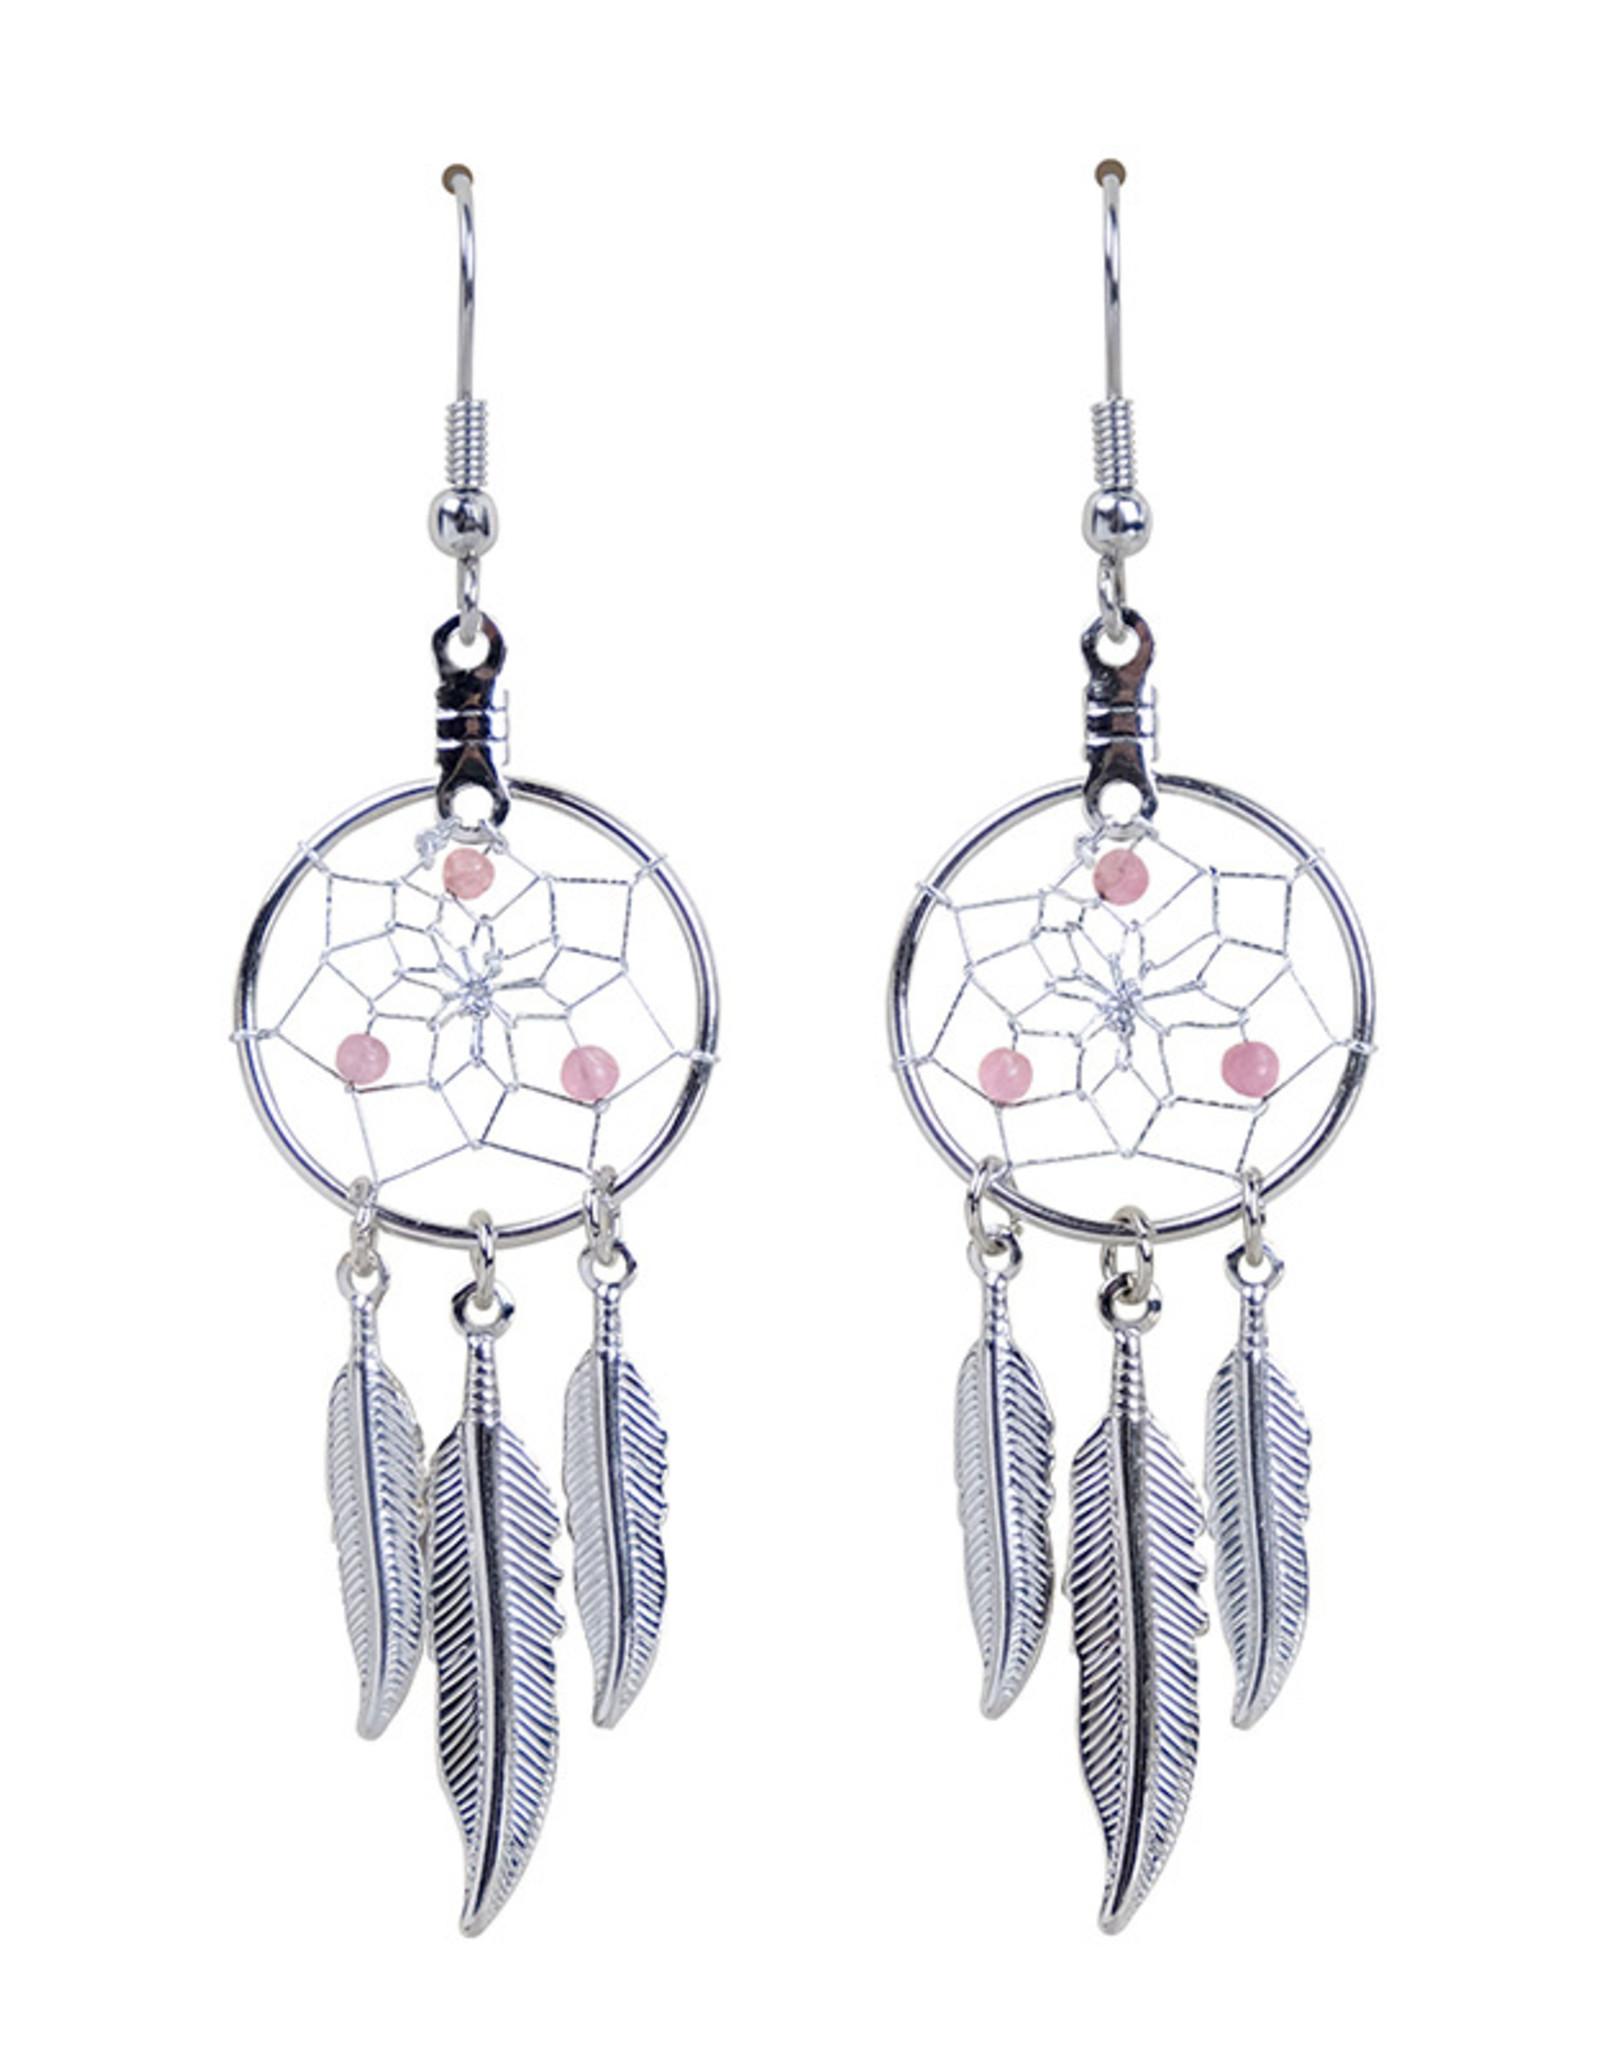 Birthstone Dreamcatcher Earrings - DC17